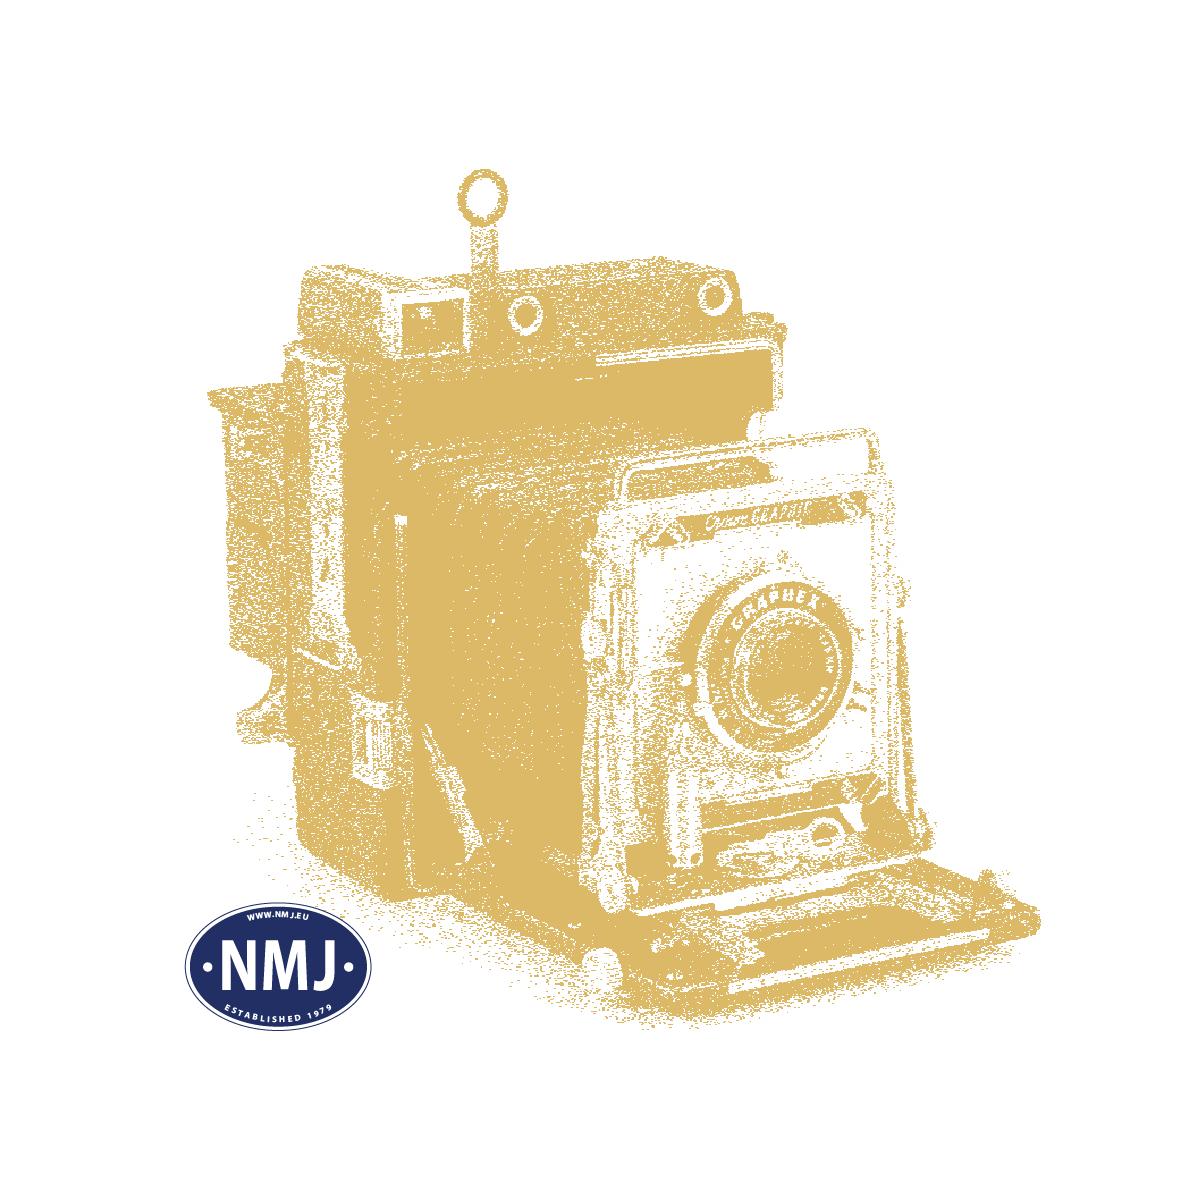 NMJT220.101 - NMJ Topline SJ Personvogn BCo7b 3499